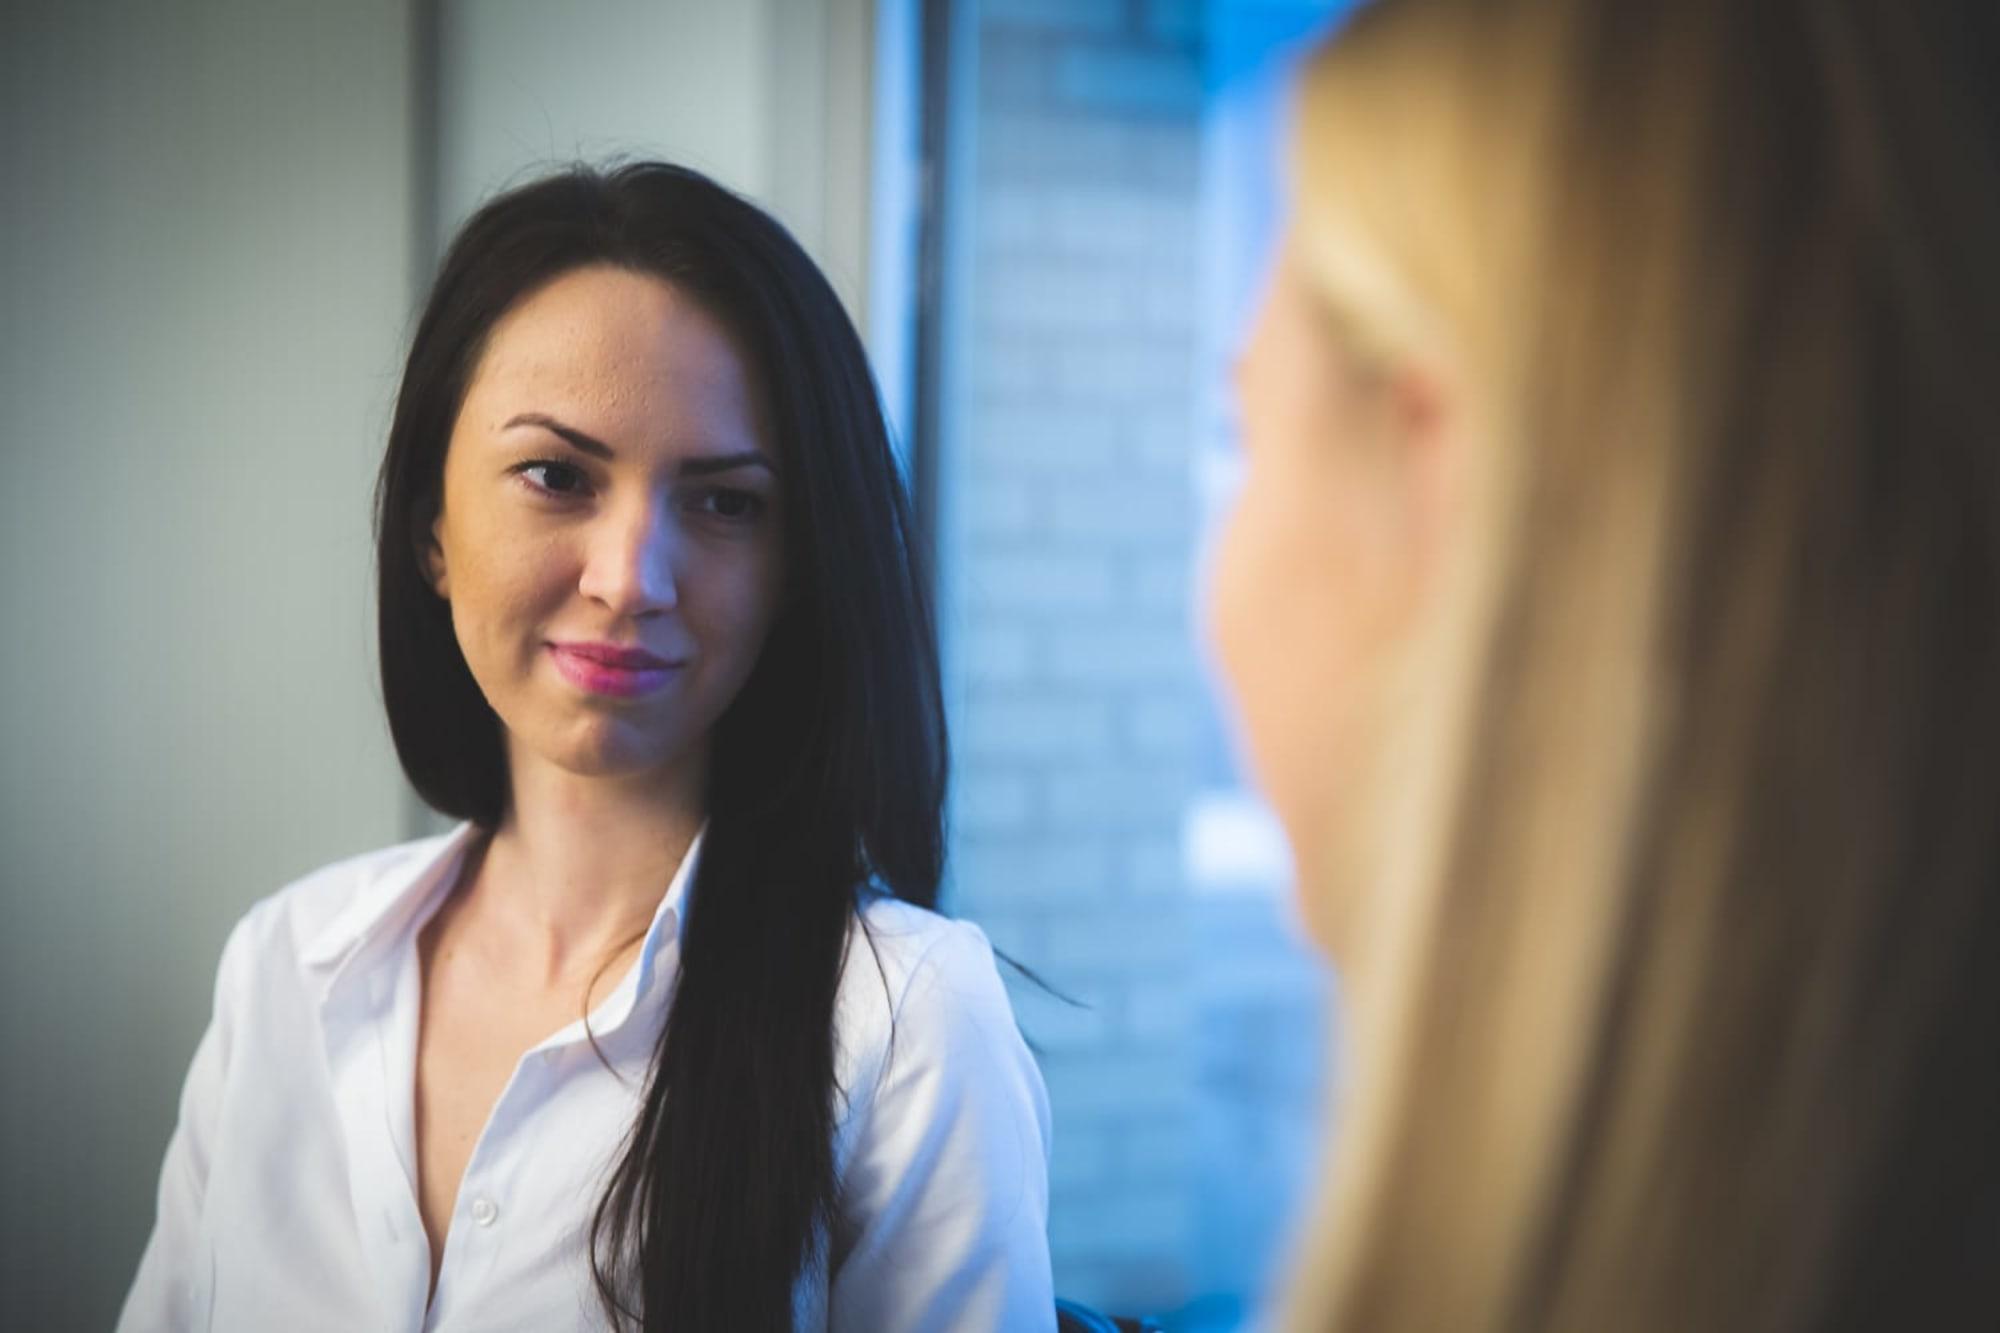 DERFOR TRIVES ALINA I JOBBEN: – For meg er det nok kombinasjonen av at det jeg gjør genererer mer penger og at jeg får jobbe med spennende teknologi, data og analyser, som gjør at jeg trives så godt i jobben min, sier Alina.